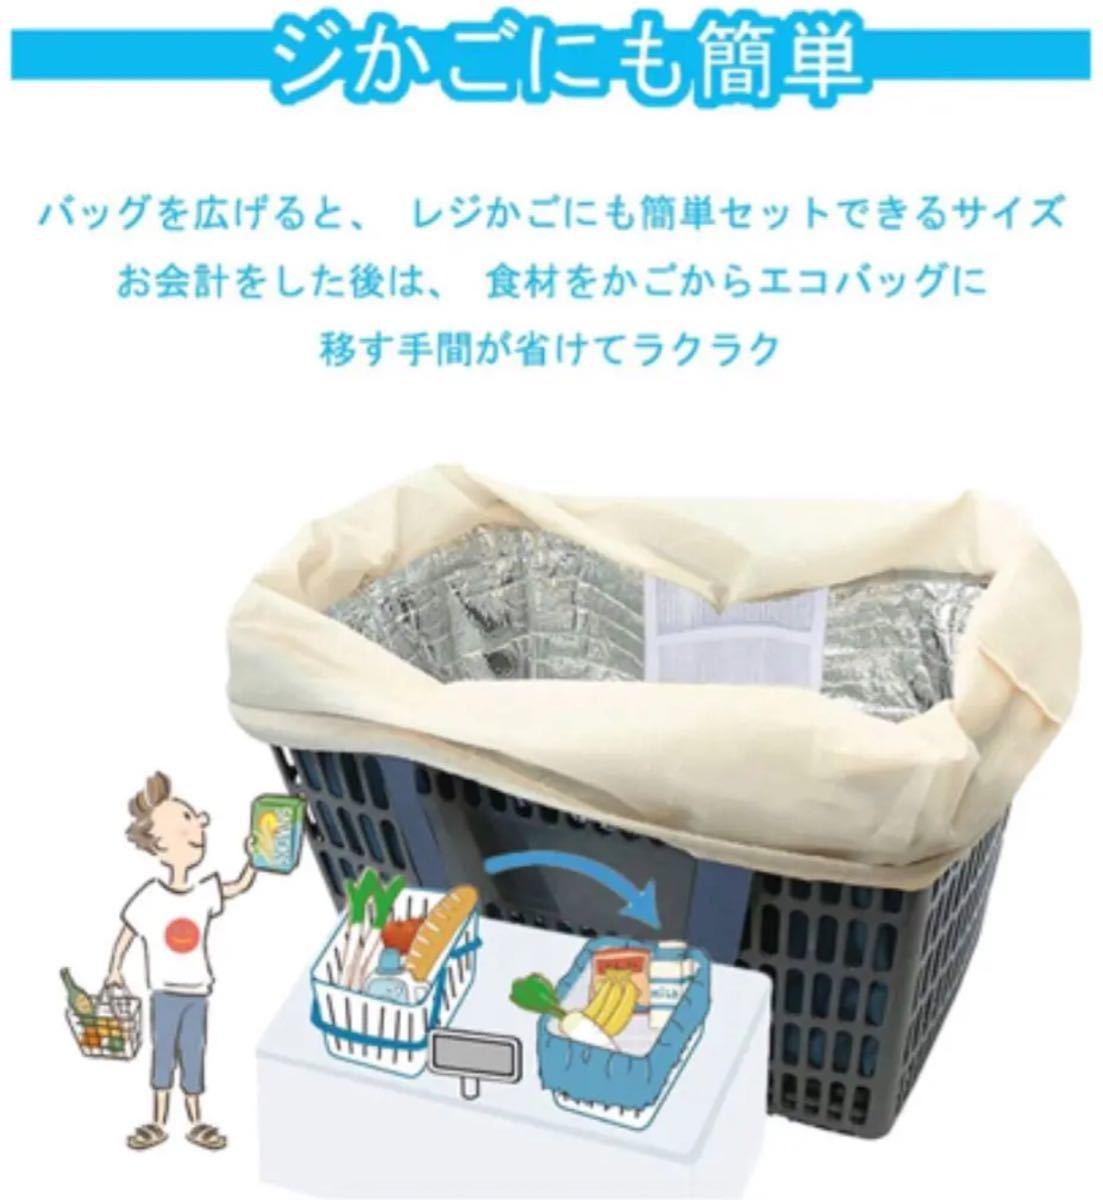 エコバッグ 保温 保冷バッグ 30L 大容量 折りたたみバッグ